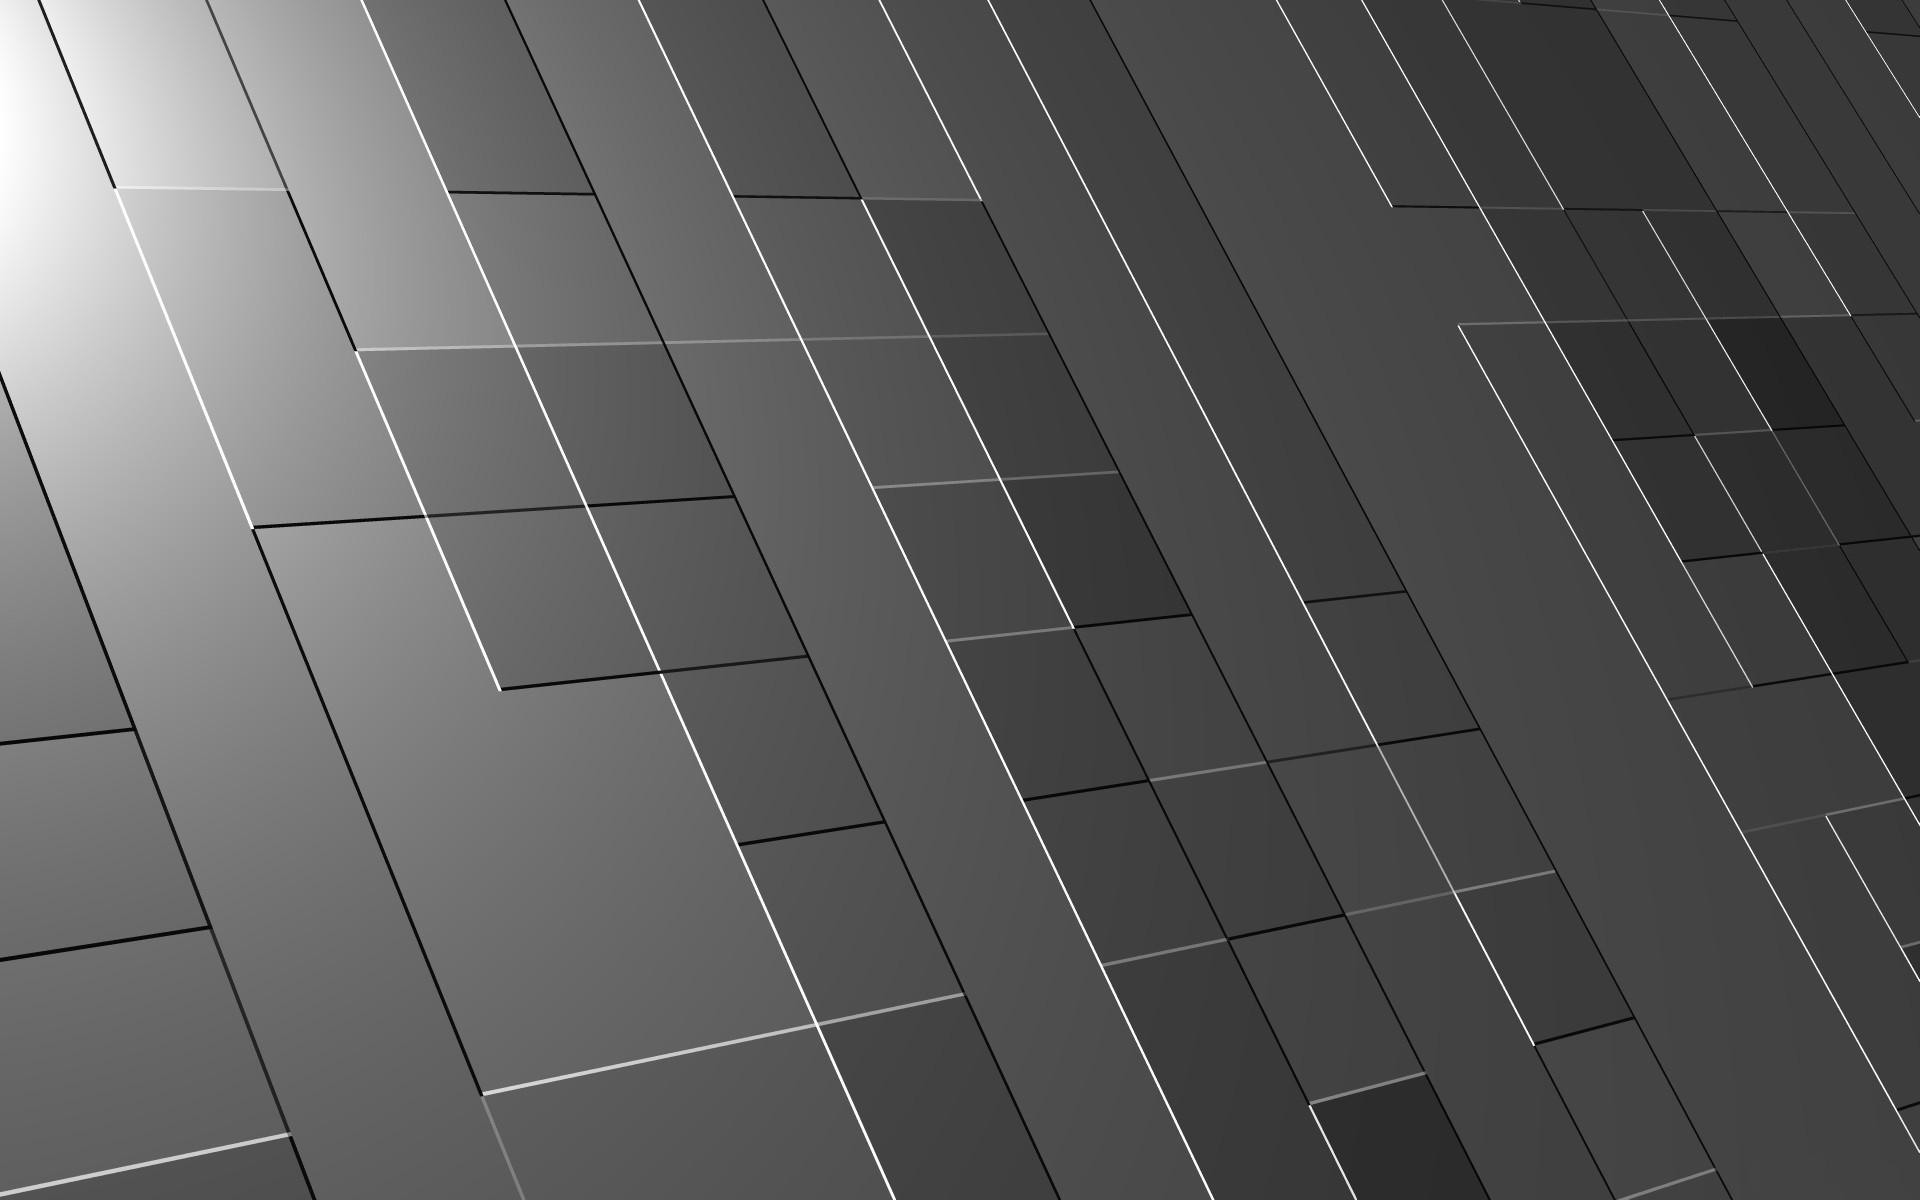 download next wallpaper prev wallpaper 1920x1200